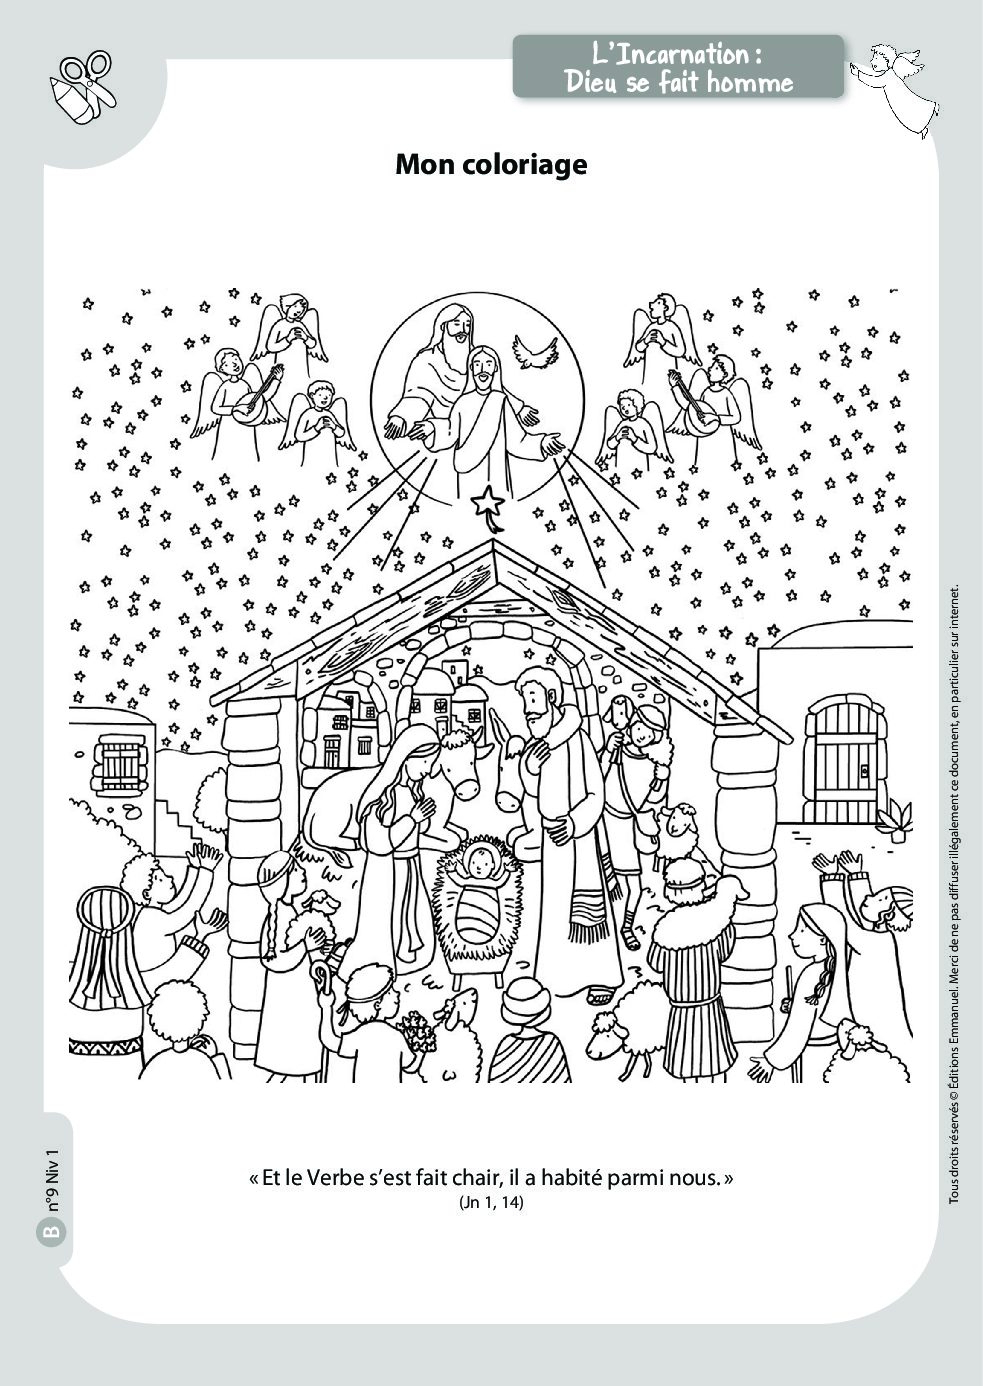 Mots Croisés De Noël - Catéchisme Emmanuel à Mots Croisés Noel